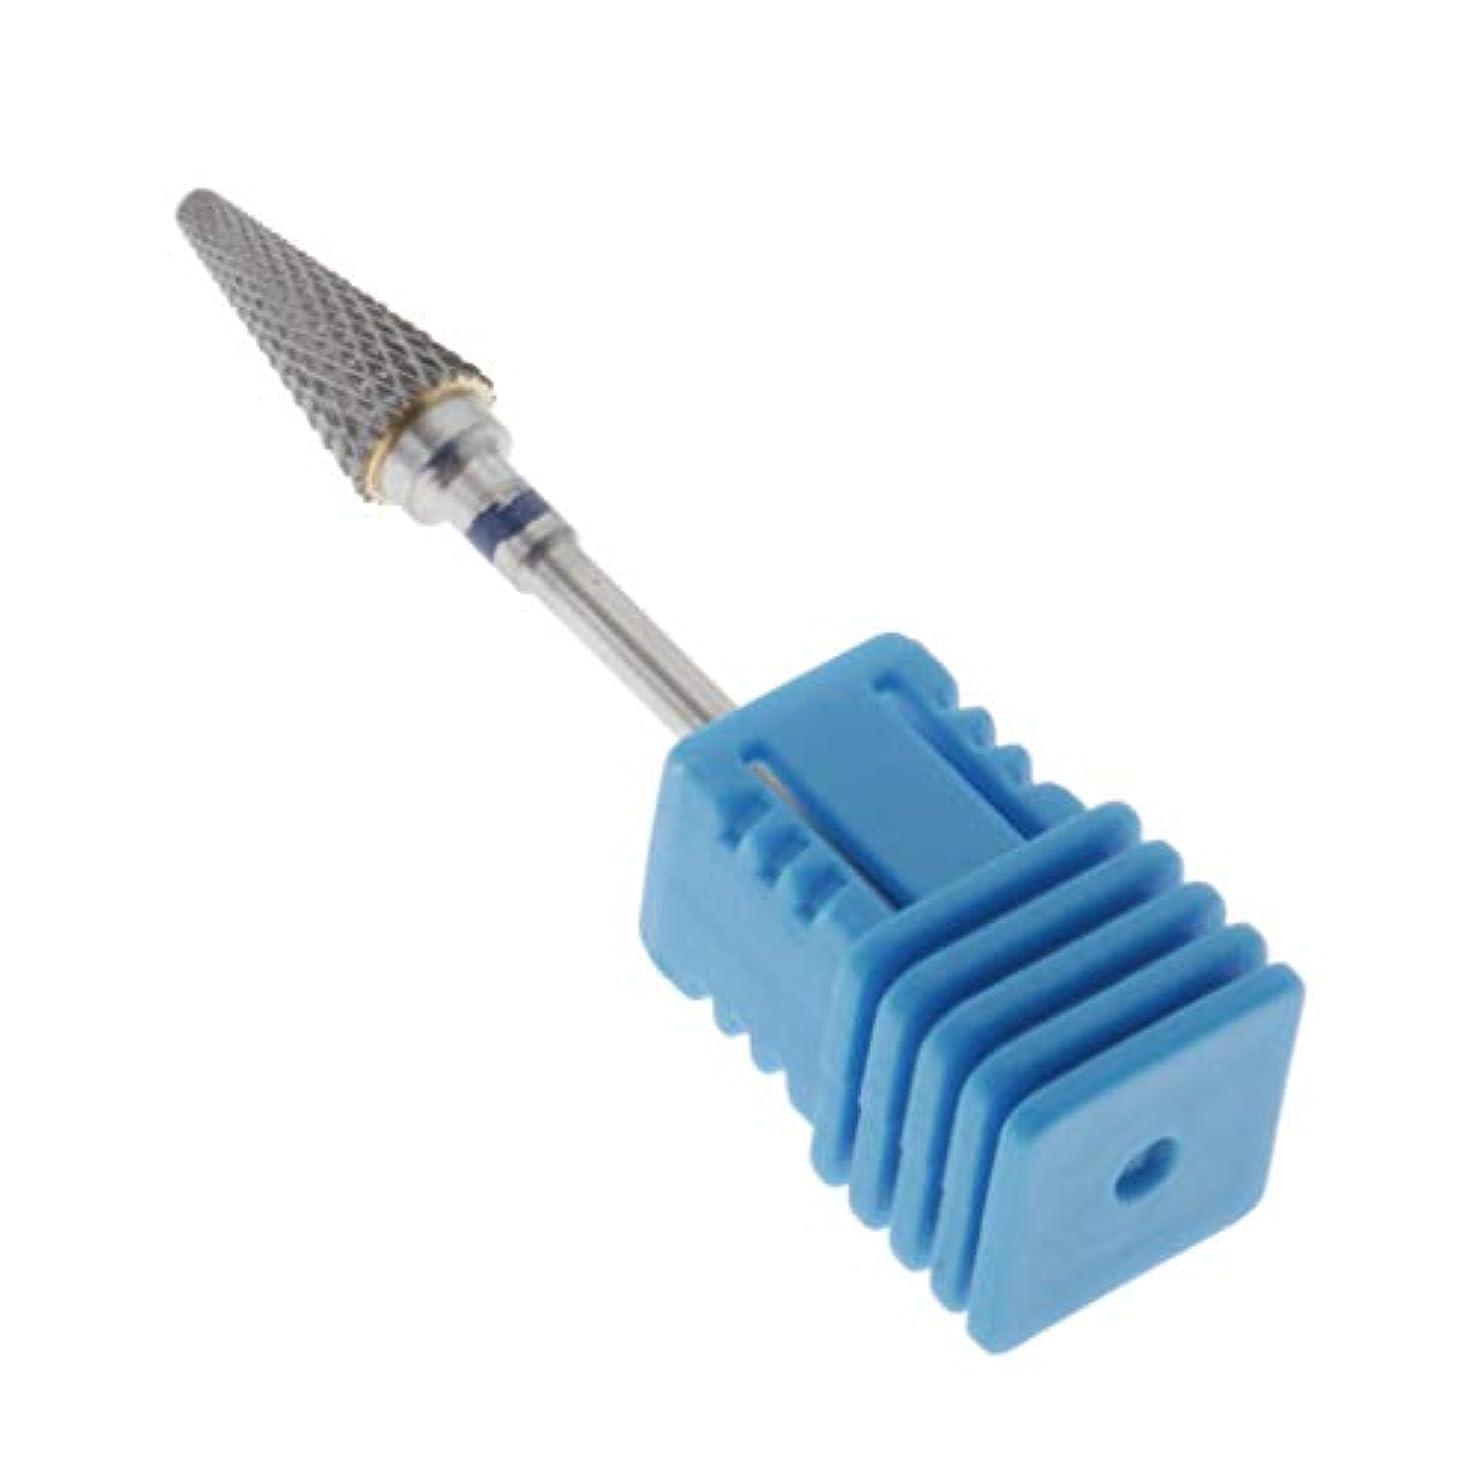 びっくりした評決アパルCUTICATE ネイルドリルビット ネイルズファイルビット ネイルファイル 爪磨き 爪やすり ジェルネイル用 全3カラー - 青